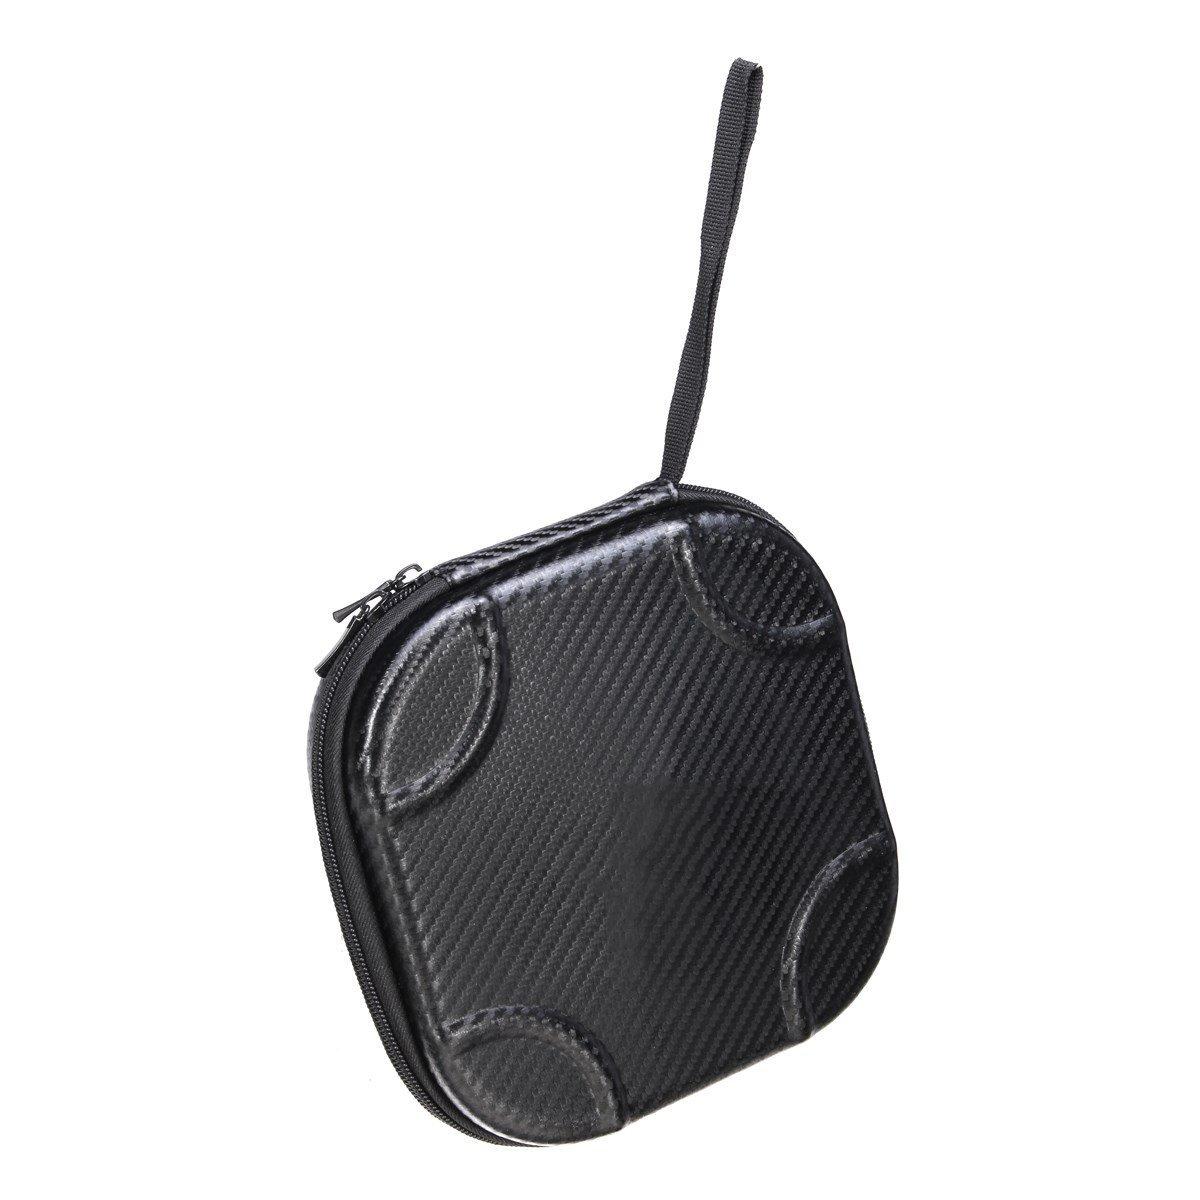 Drone Case Portable Storage Case for DJI Mavic Pro